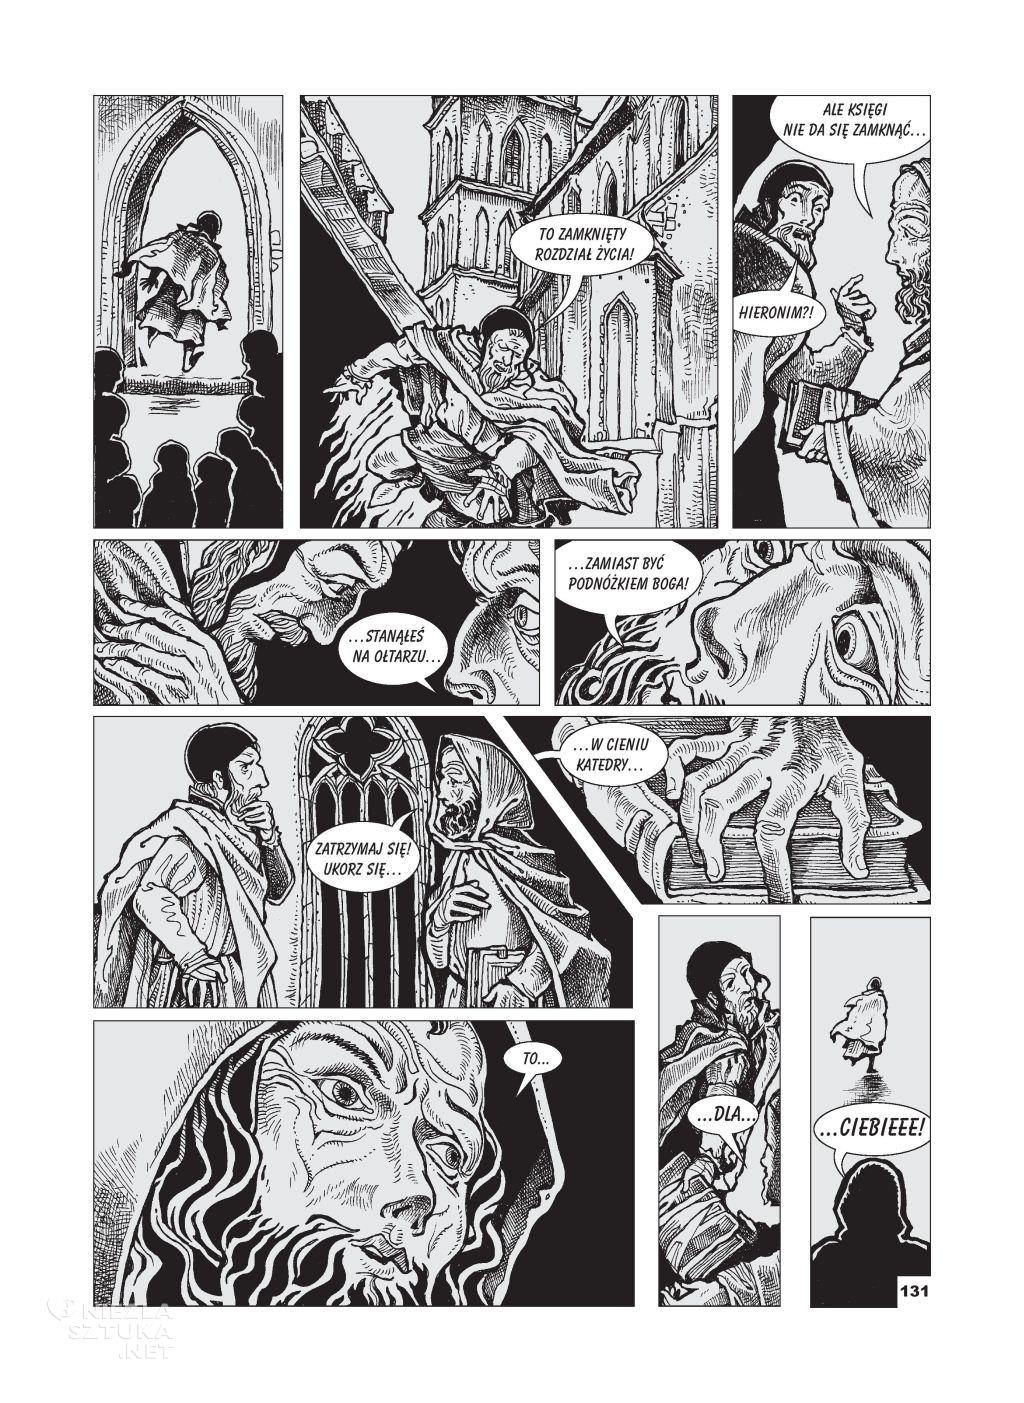 16_oltarz-page-011